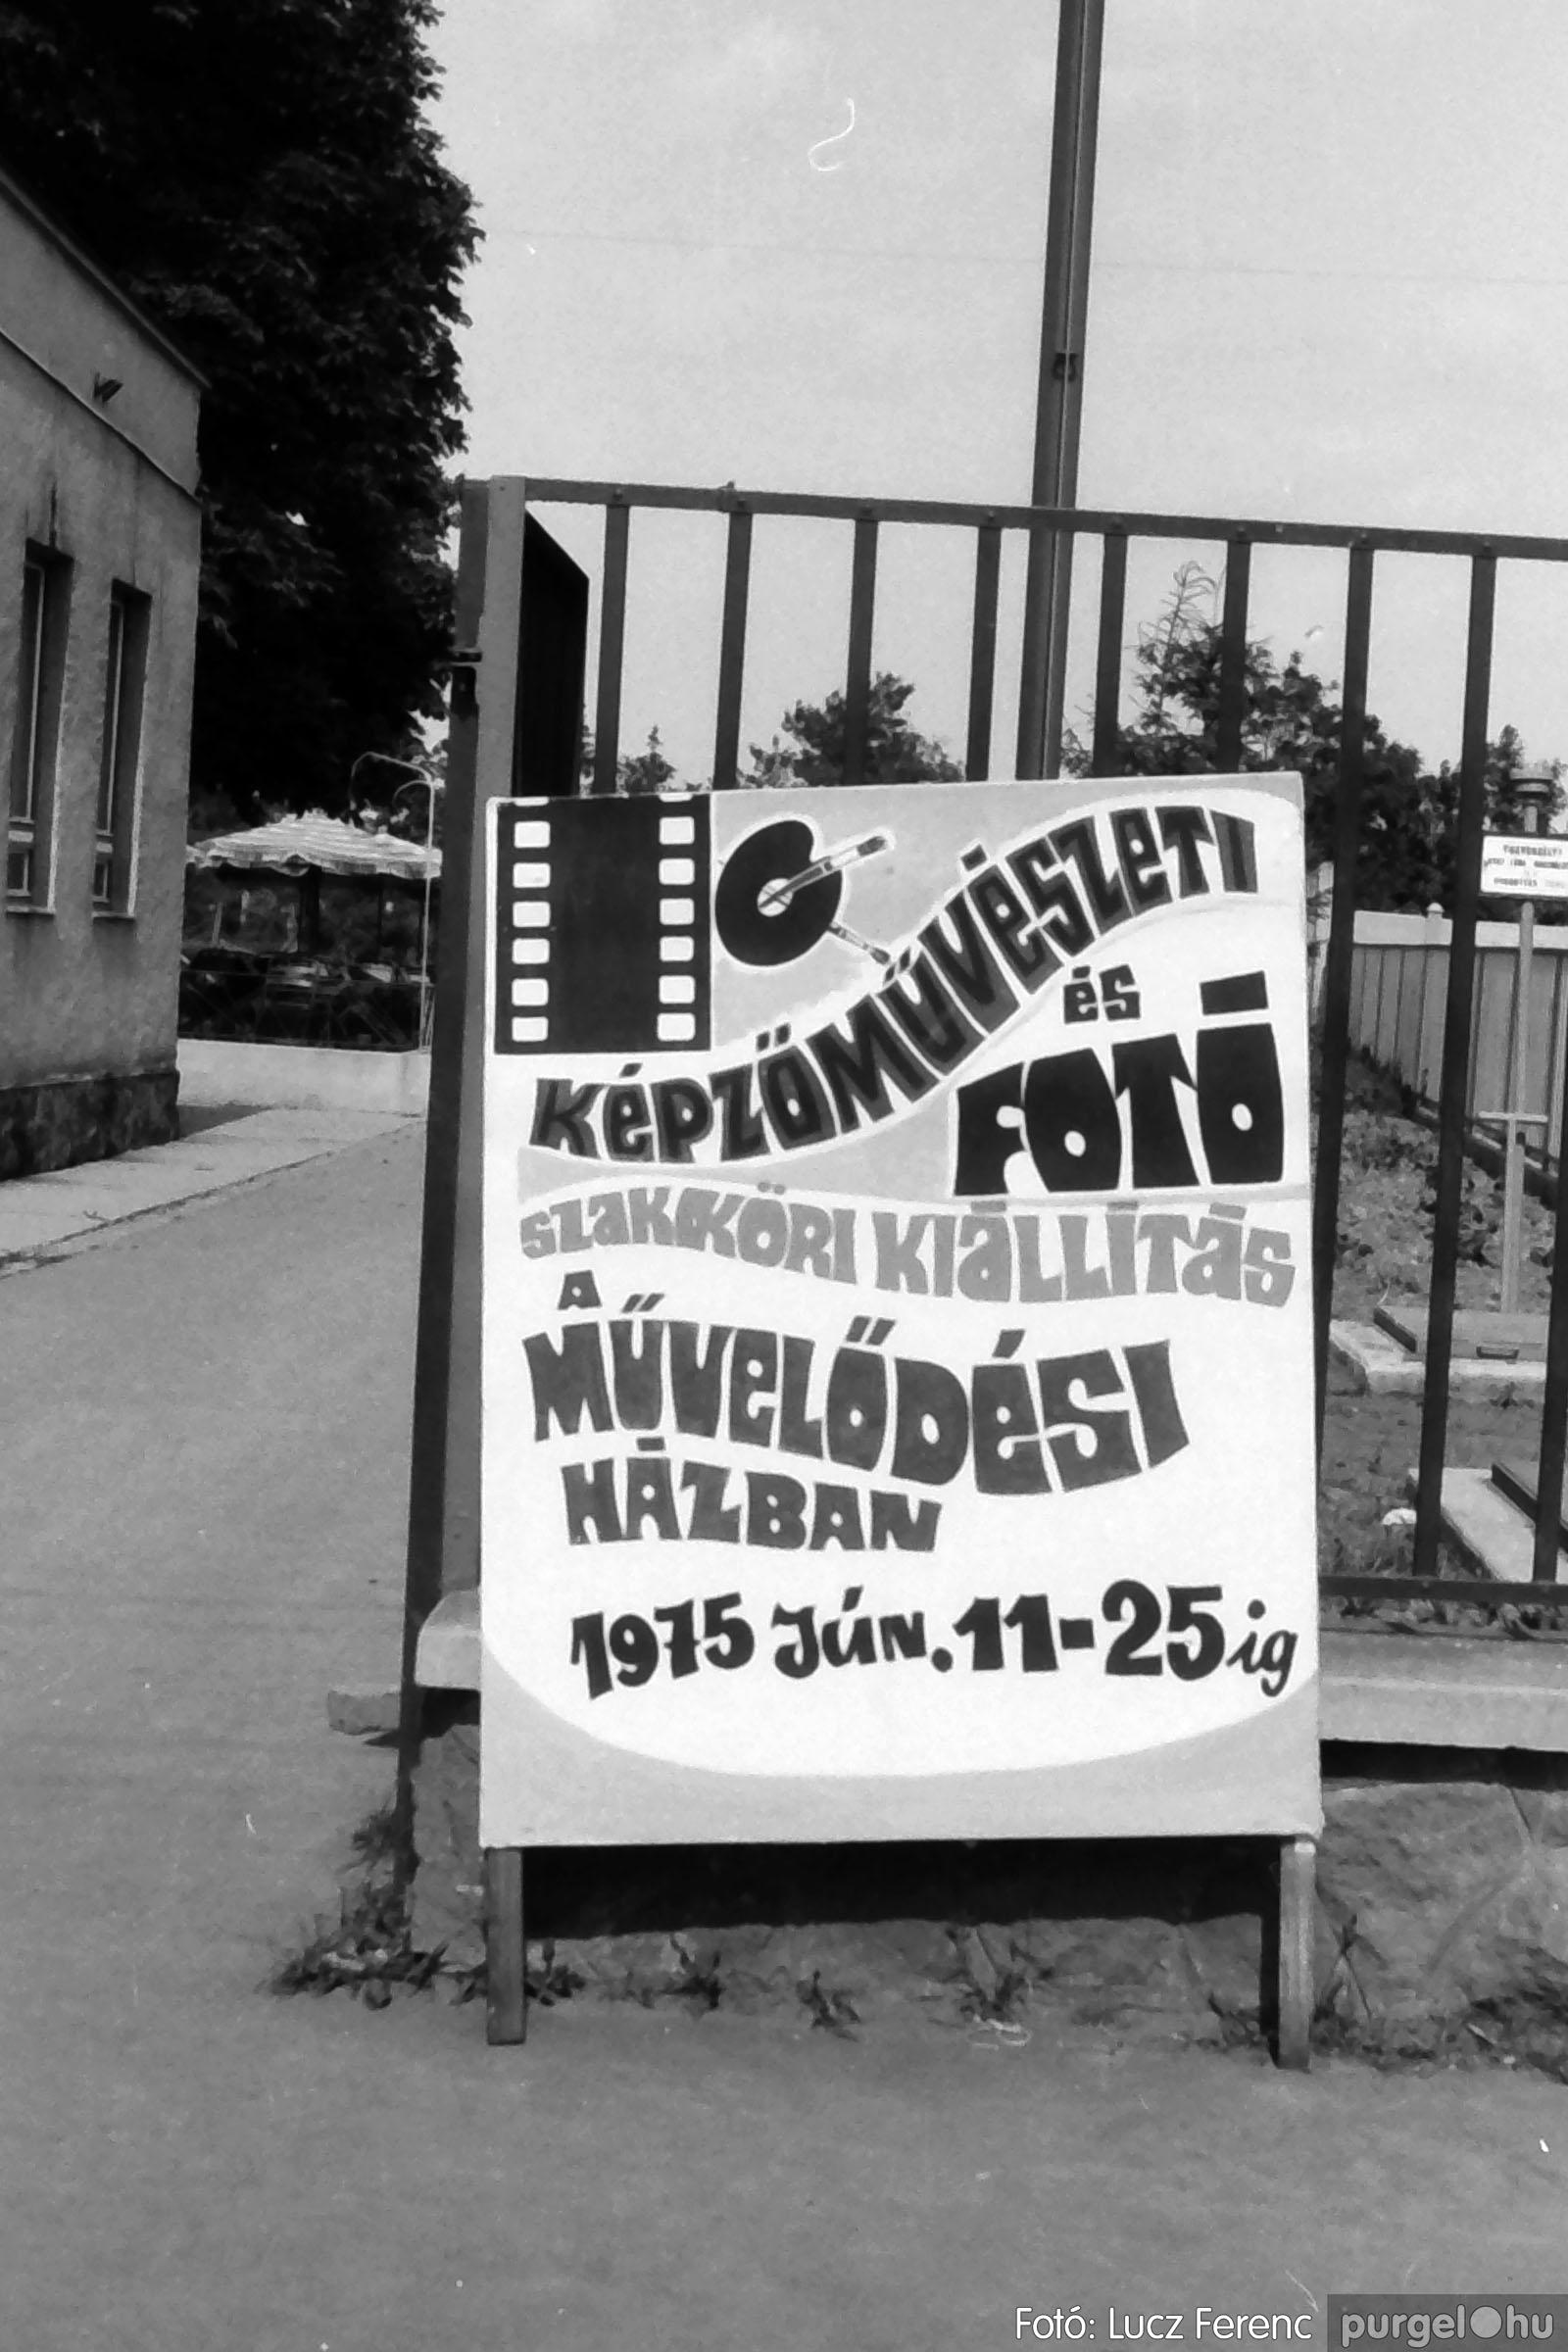 018-019 1975. Élet a kultúrházban 031 - Fotó: Lucz Ferenc IMG00078q.jpg